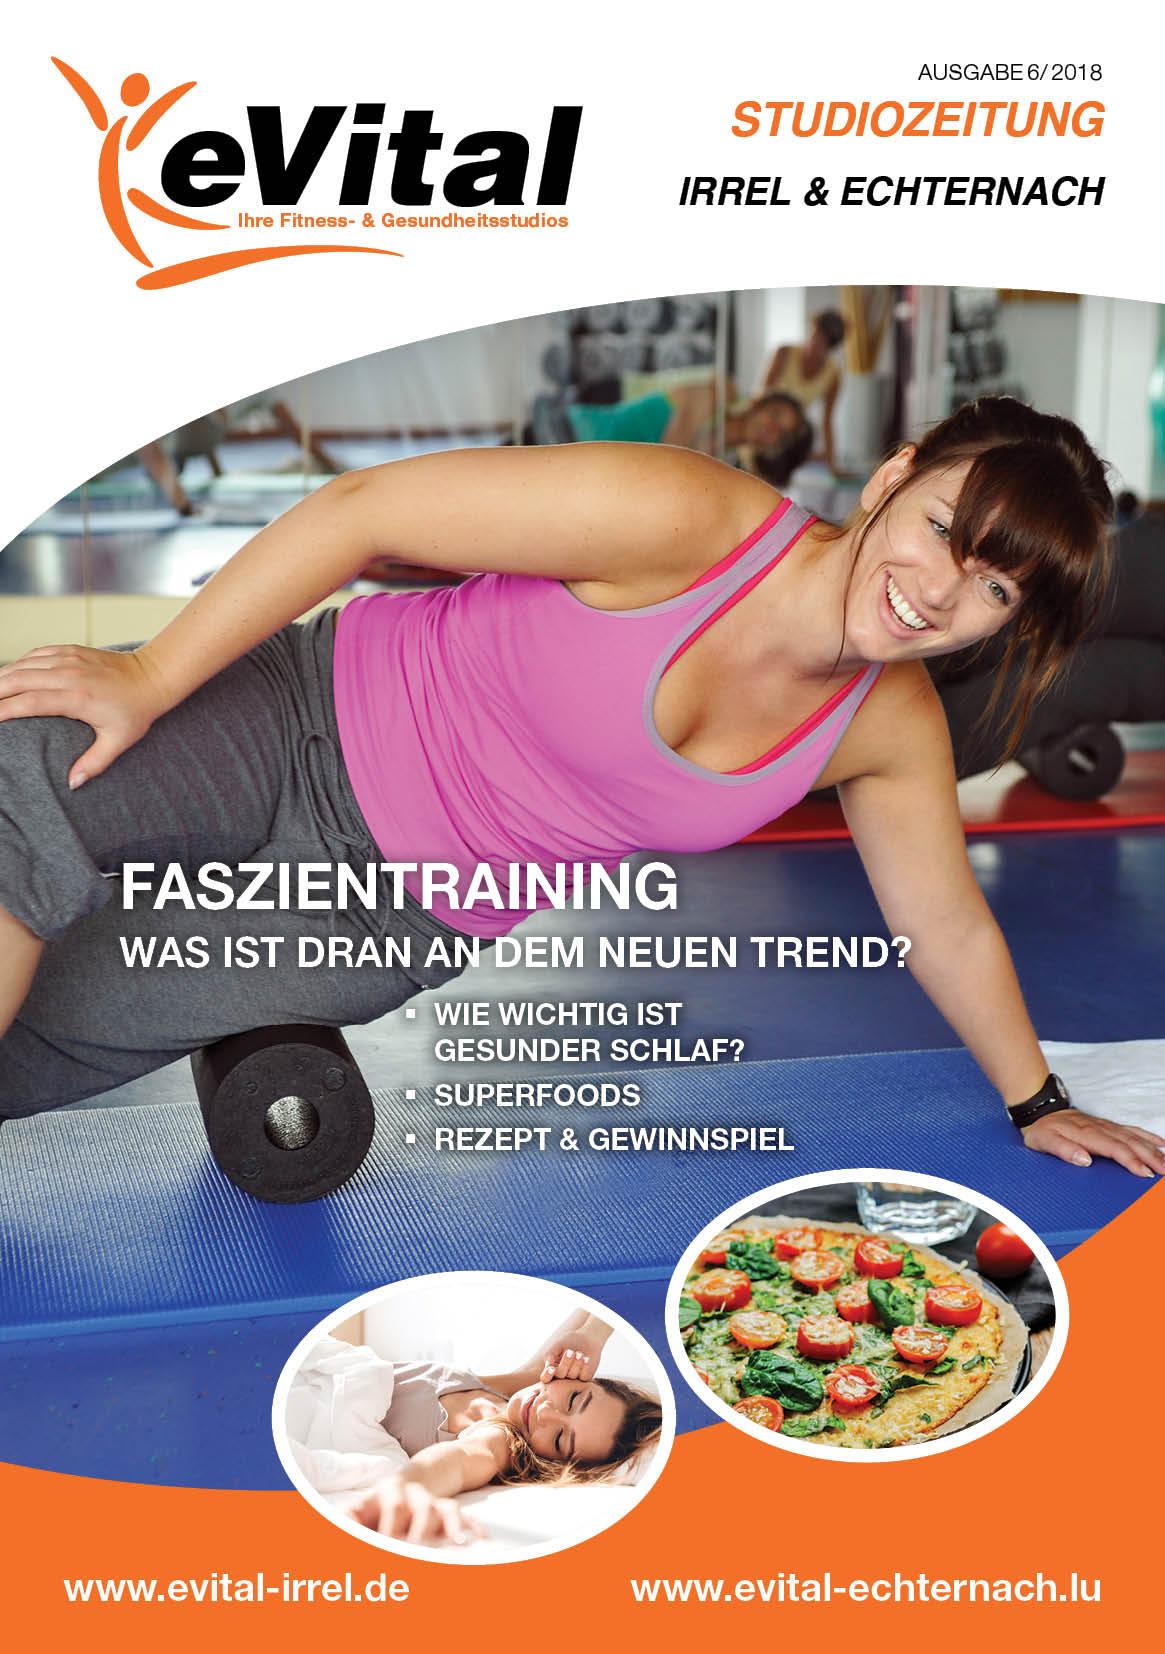 Studiozeitung Ausgabe 6 - eVital Fitness- und Gesundheitsstudio Premium-Club Irrel